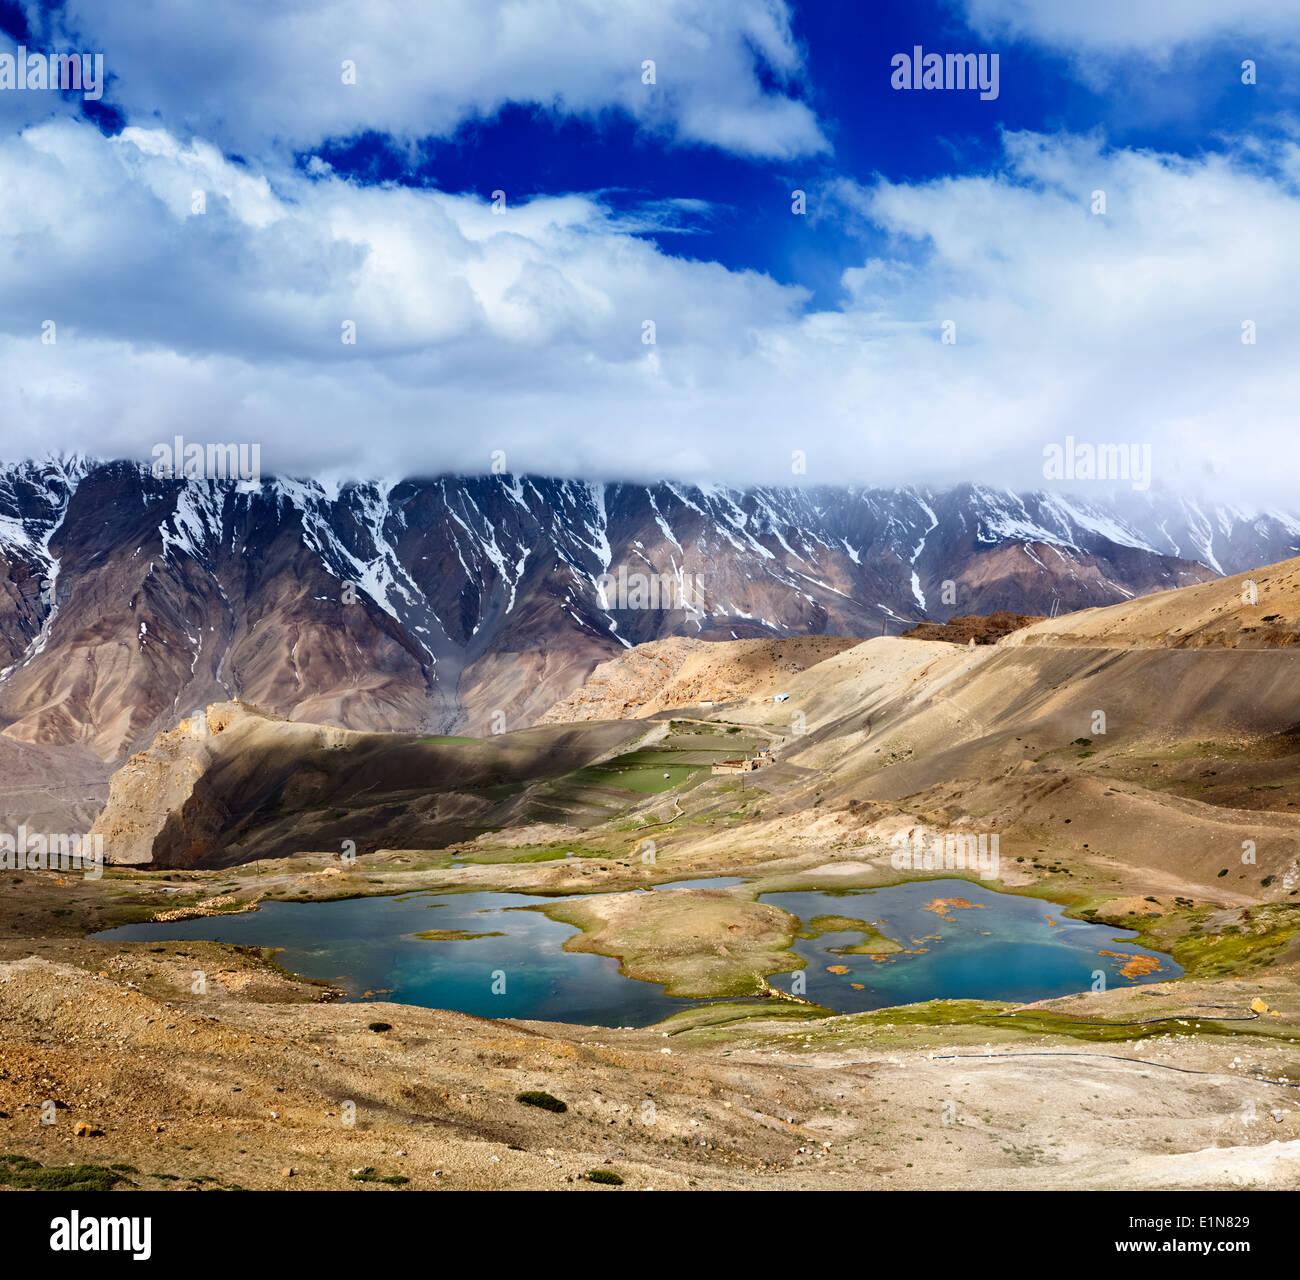 Effet Retro Vintage style hipster image filtrée voyage de lacs de montagne dans la vallée de Spiti dans l'Himalaya. L'Himachal Pradesh, Inde Banque D'Images